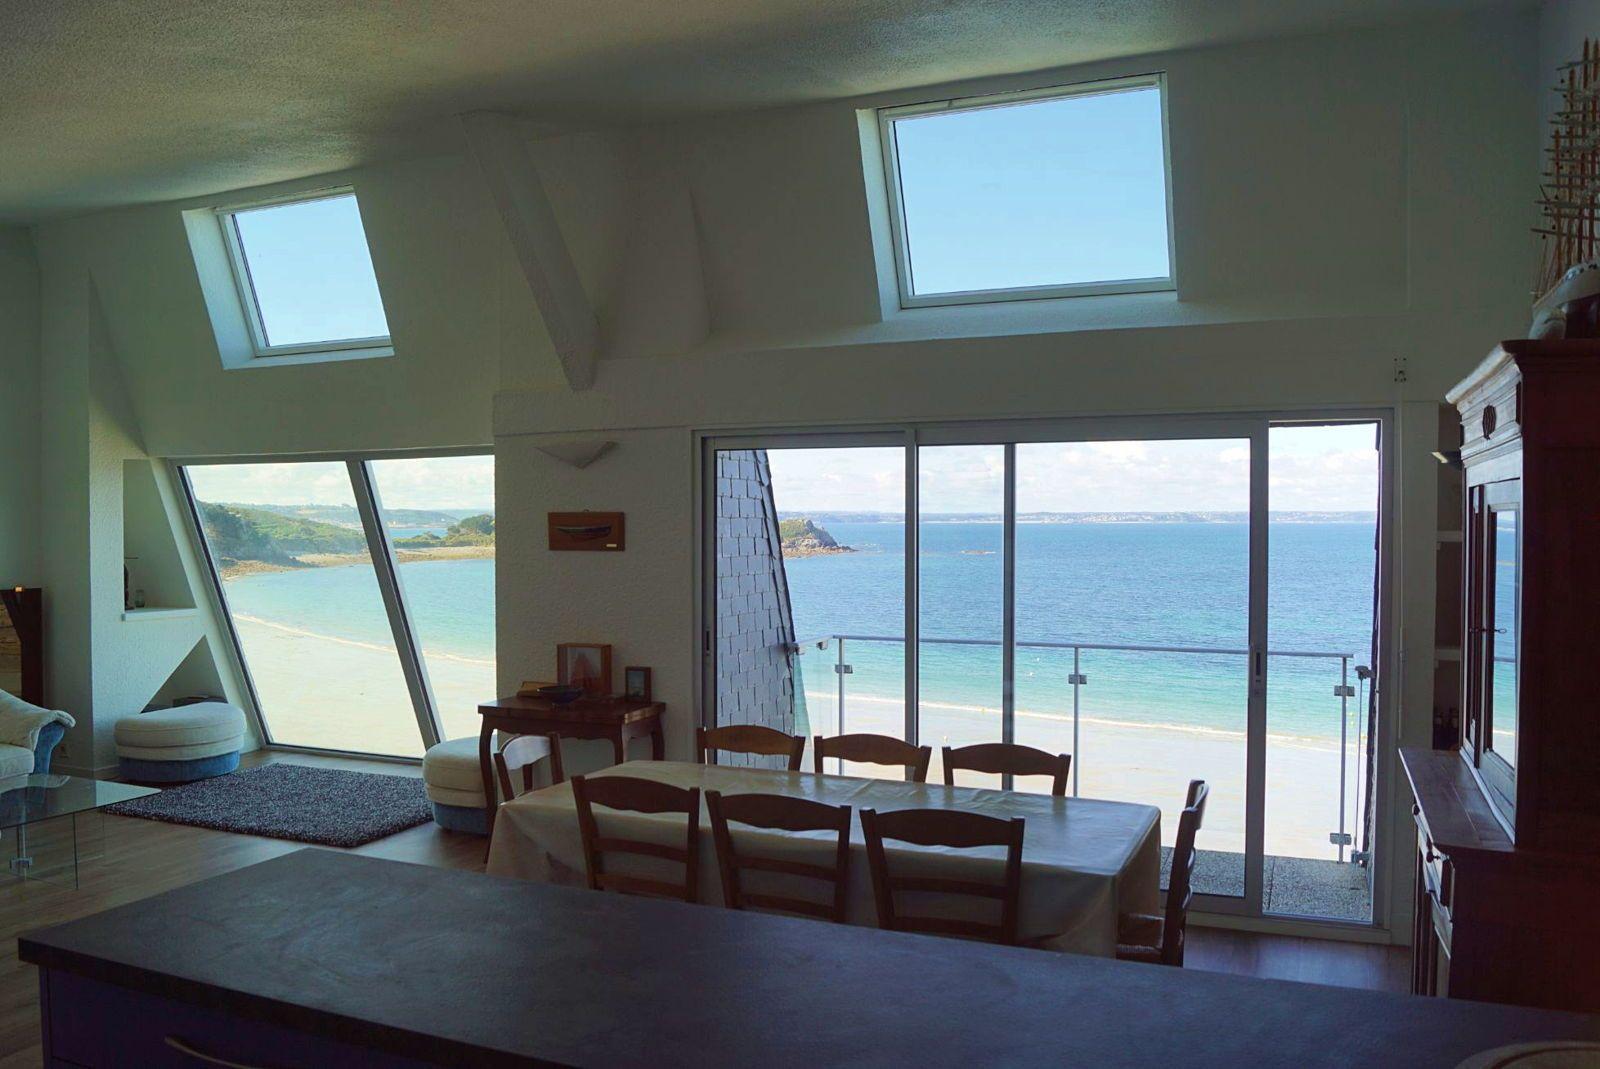 Loue appartement à Trebeurden (22),vue mer exceptionnelle, 8couchages